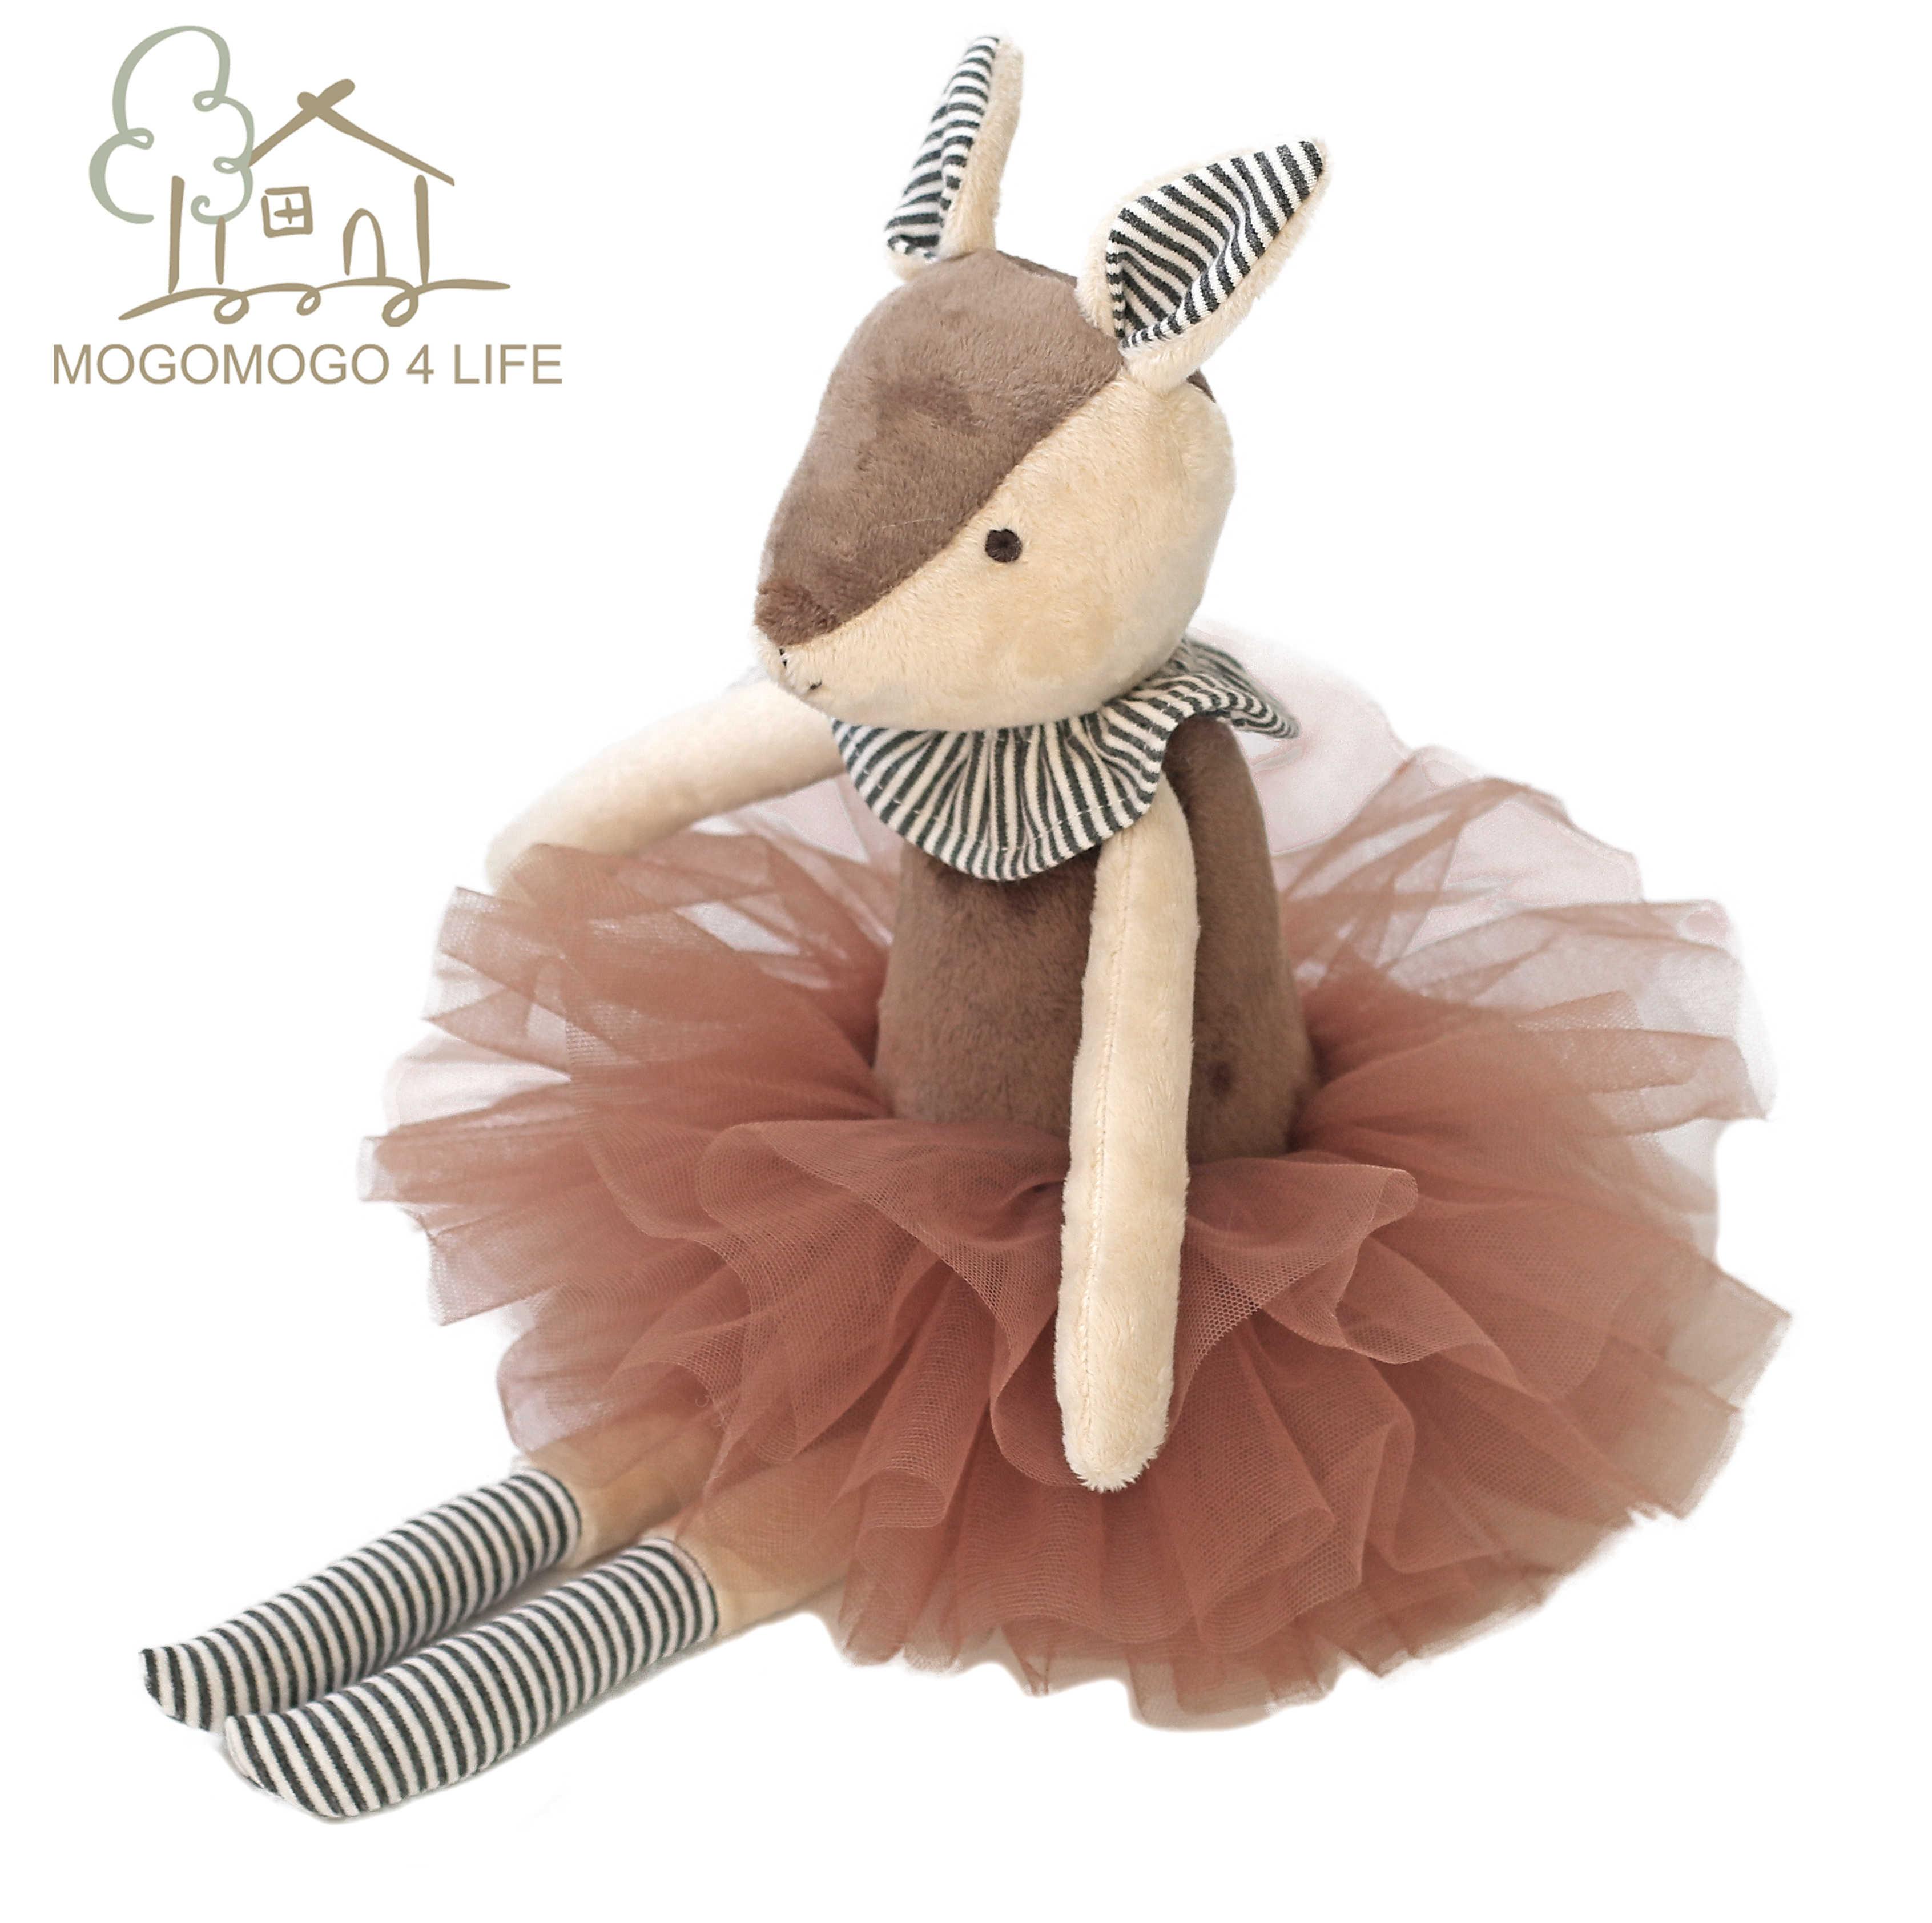 Luksusowe Mogo handmade 37cm śliczne jelenie w tutu pluszowe zabawki miękkie wypchane zwierzę lalki dekoracyjne zabawki miękkie jelenie akcesoria domowe